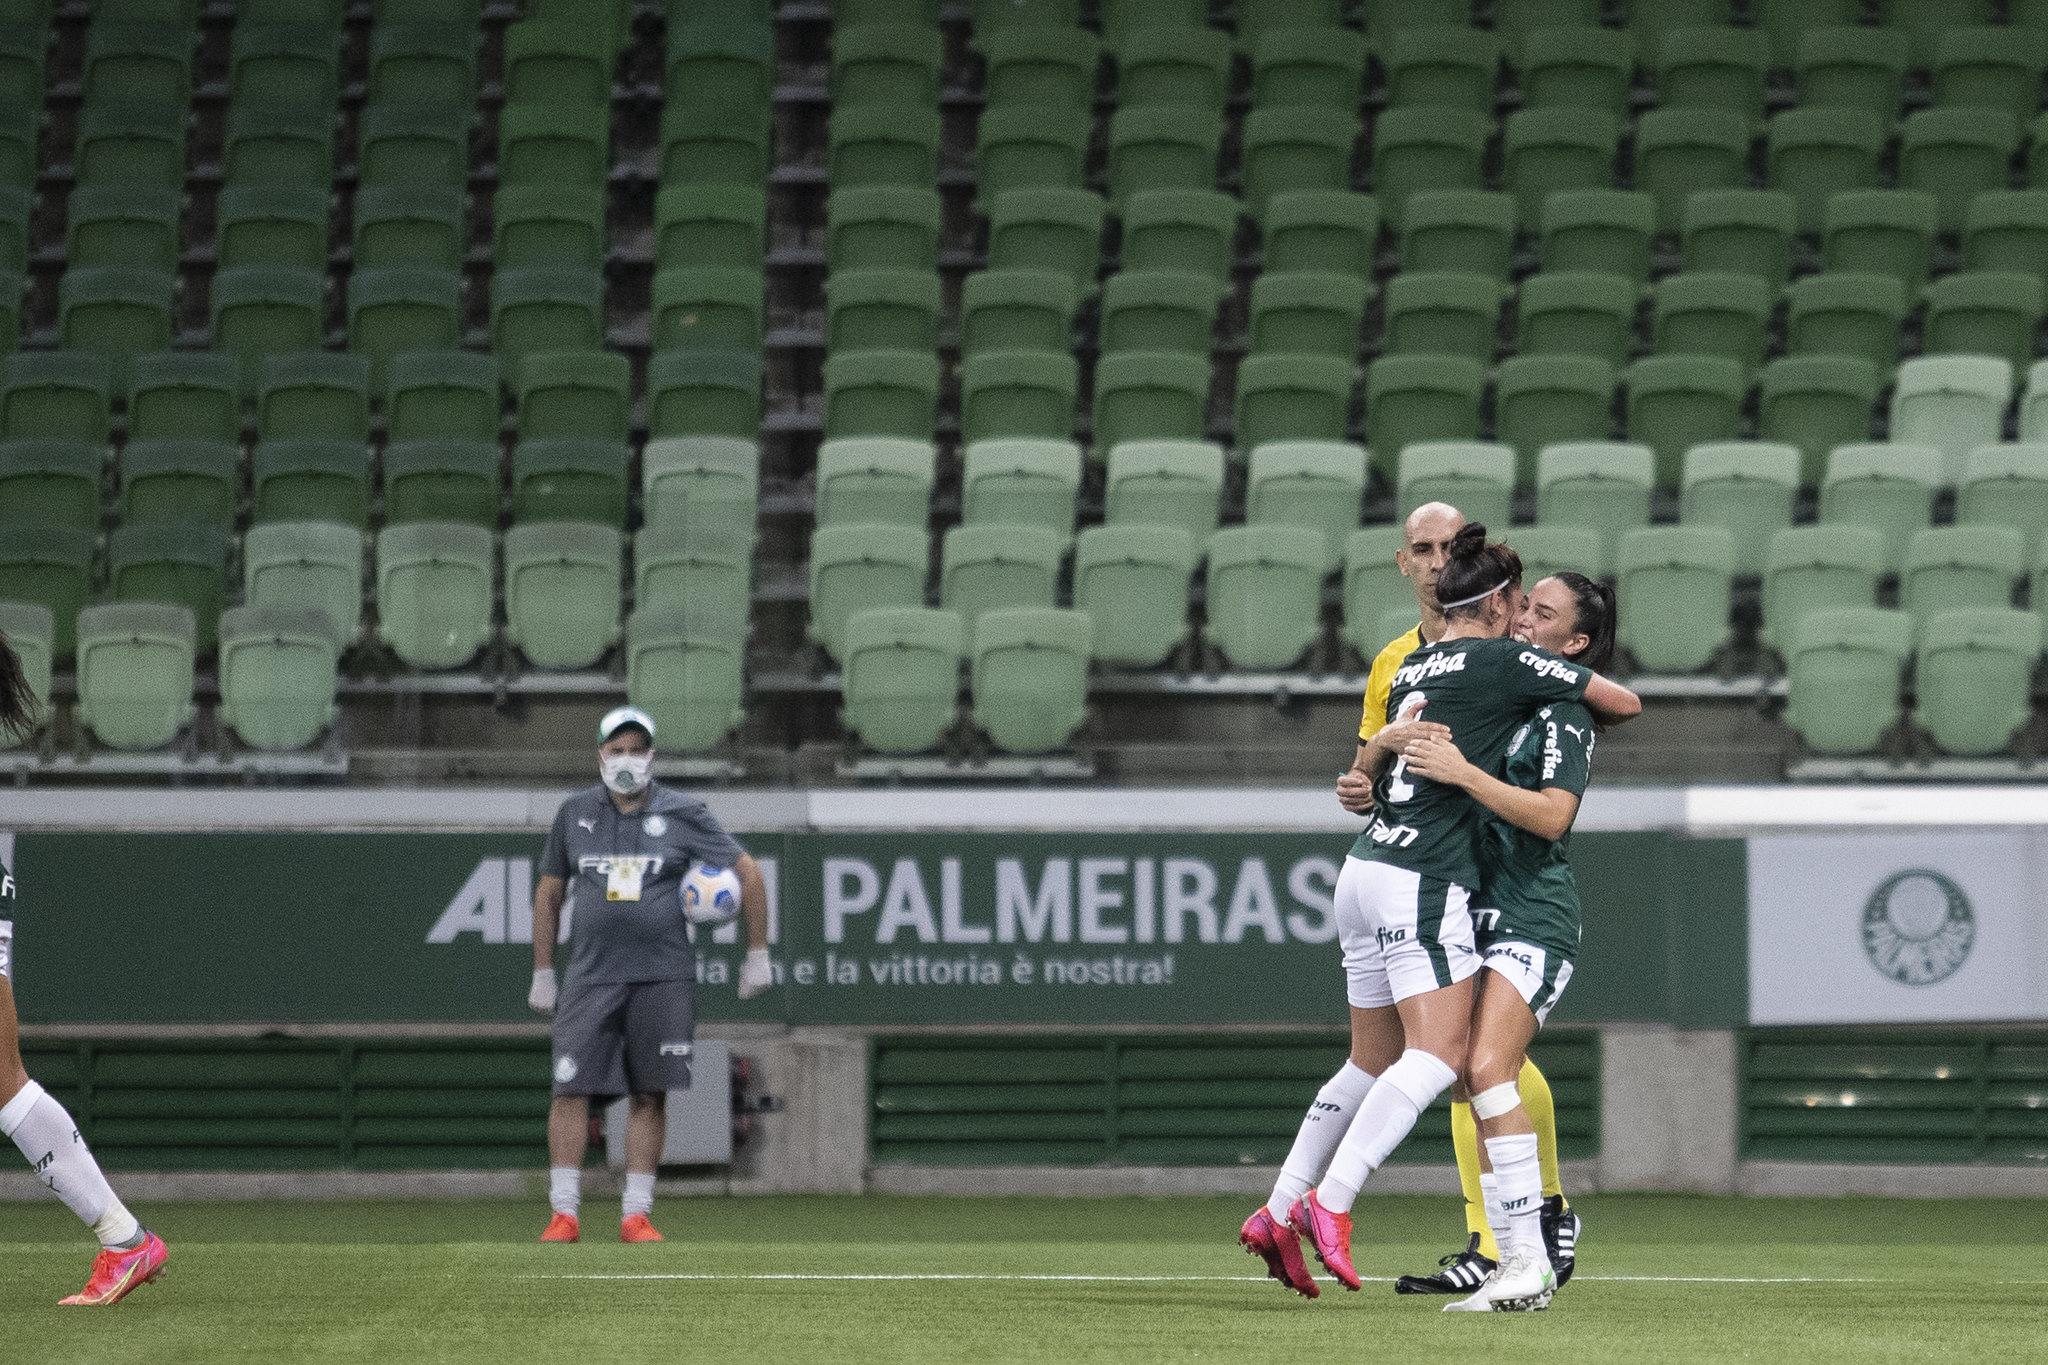 Palmeiras segue invicto e embala quarta vitória consecutiva (Foto: Thaís Magalhães/CBF)